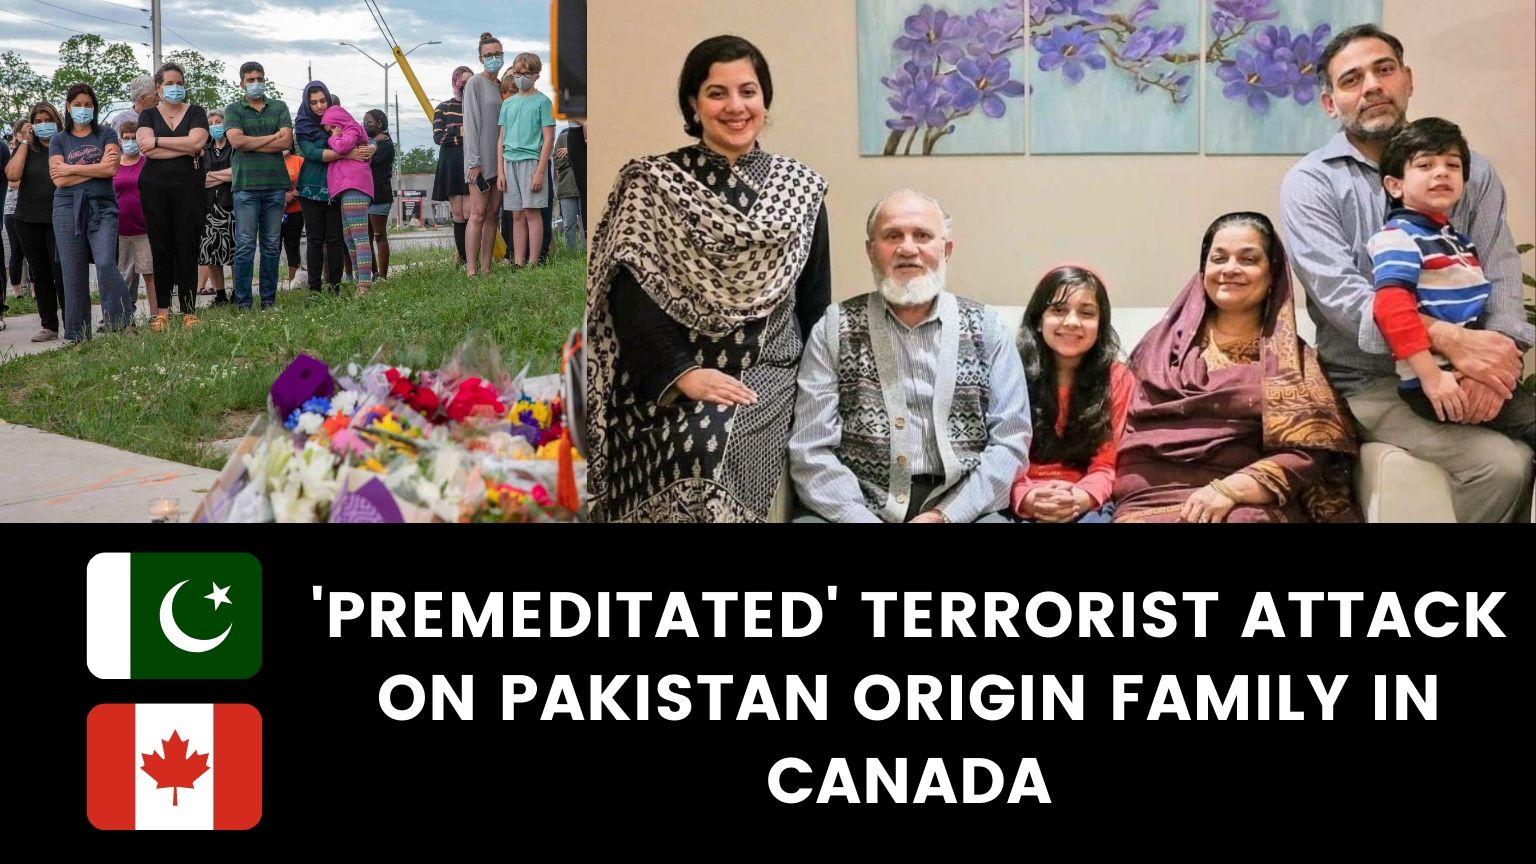 Terrorist Attack on Pakistani Muslim family in Canada | 4 killed in 'premeditated' attack